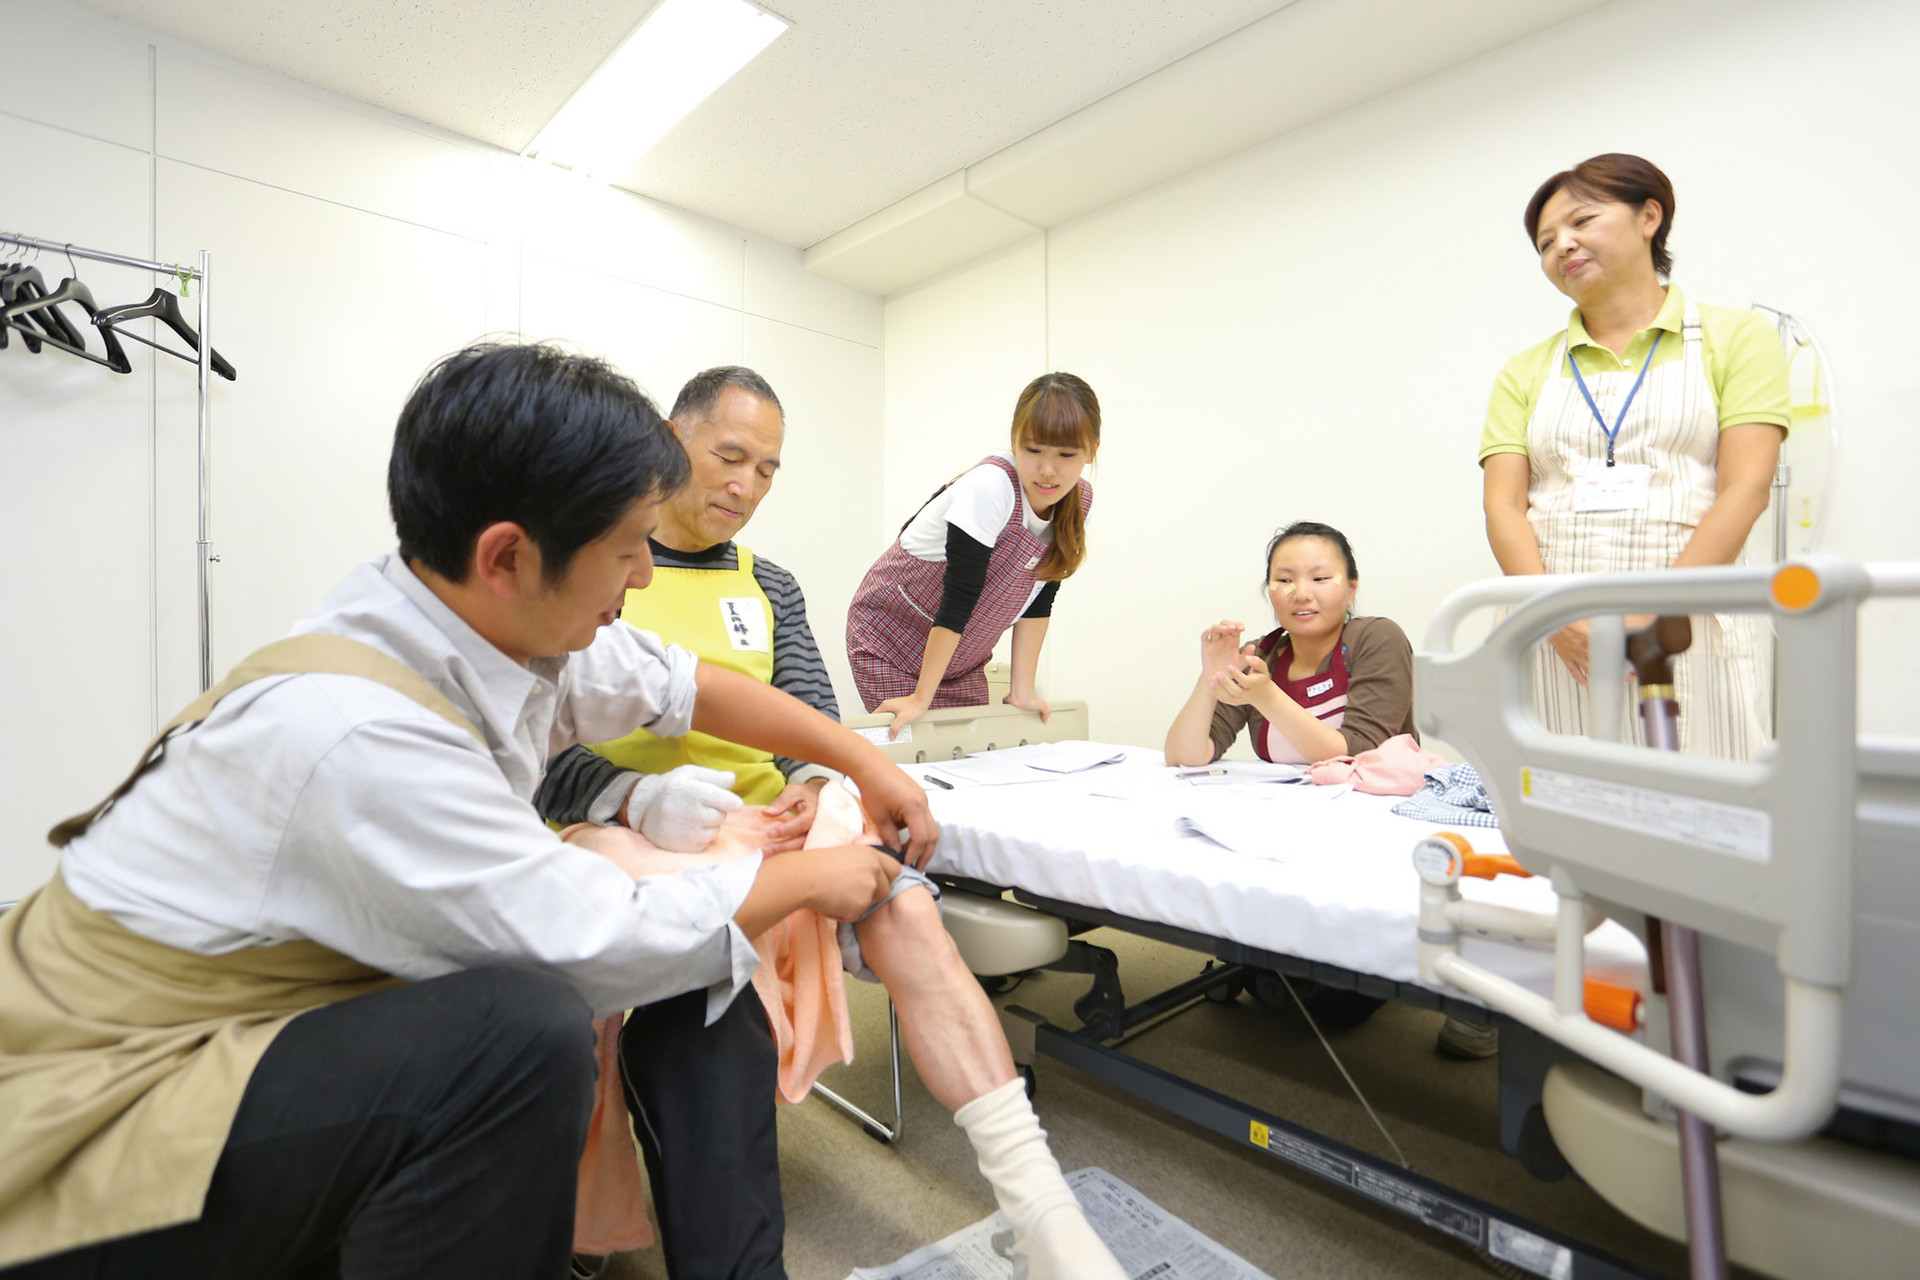 三幸福祉カレッジ(関東・甲信越エリア)